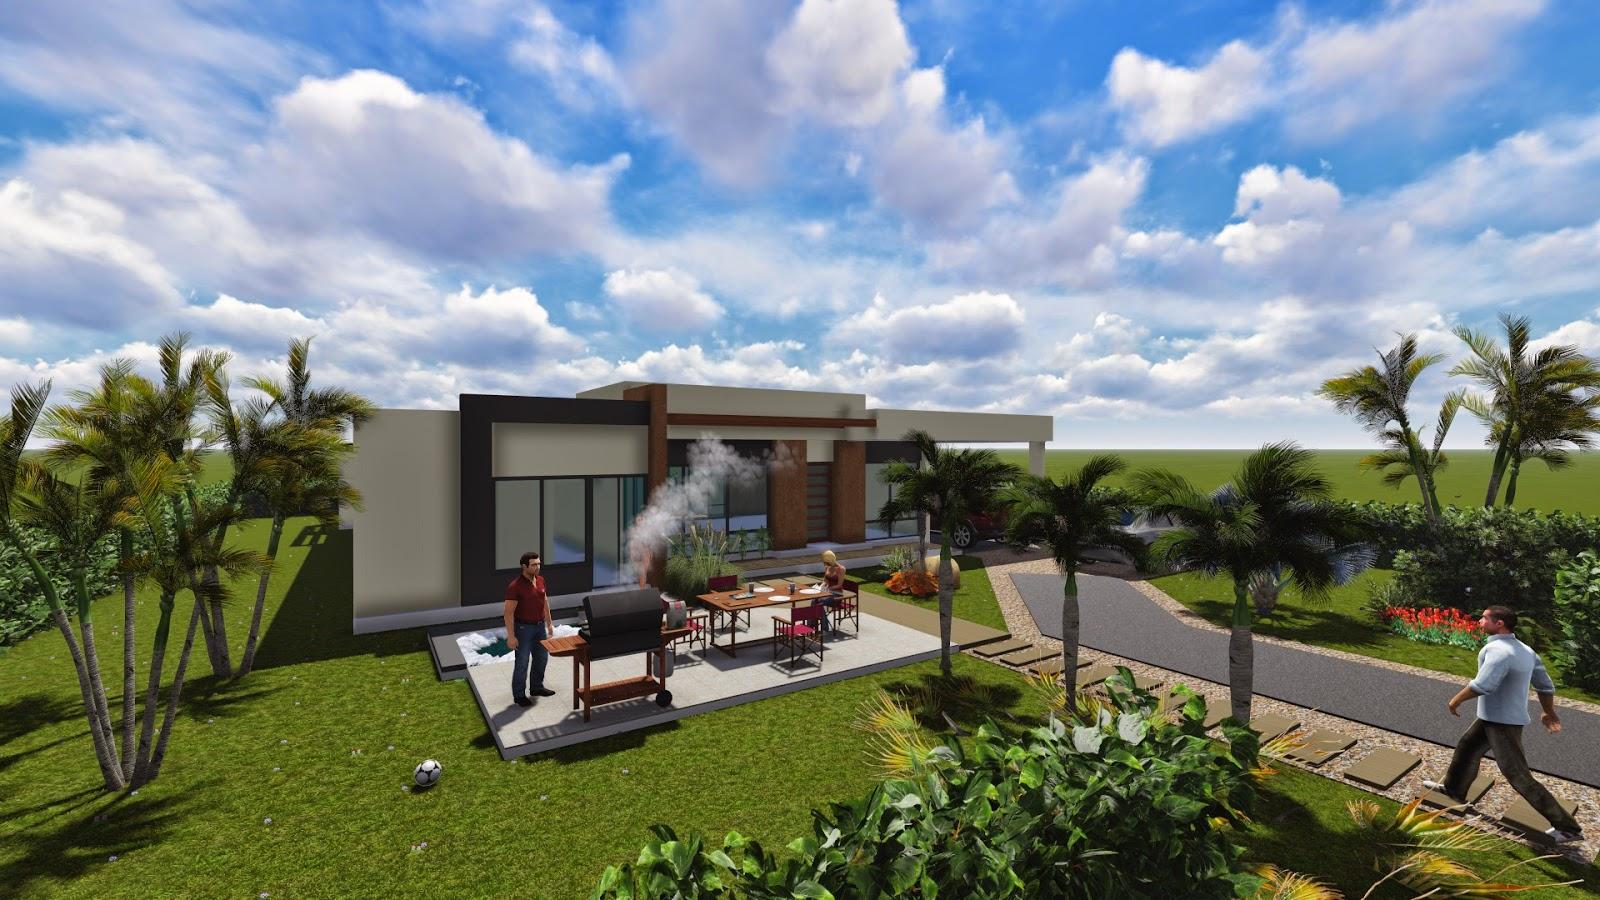 Dise o de casa campestre moderna 250 m2 for Fachadas de casas campestres de un piso